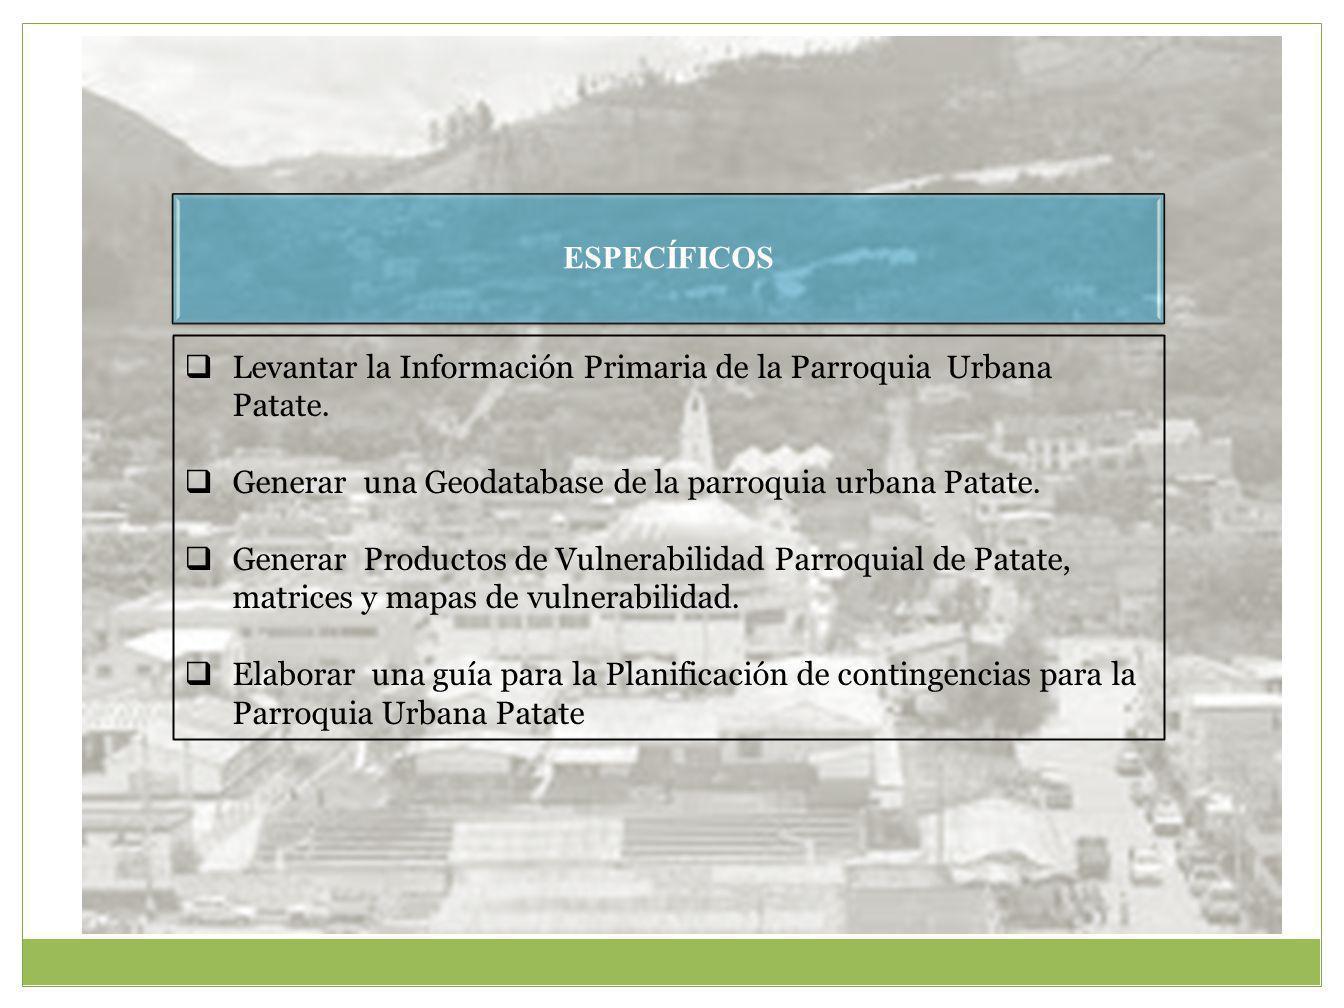 ESPECÍFICOS Levantar la Información Primaria de la Parroquia Urbana Patate. Generar una Geodatabase de la parroquia urbana Patate.